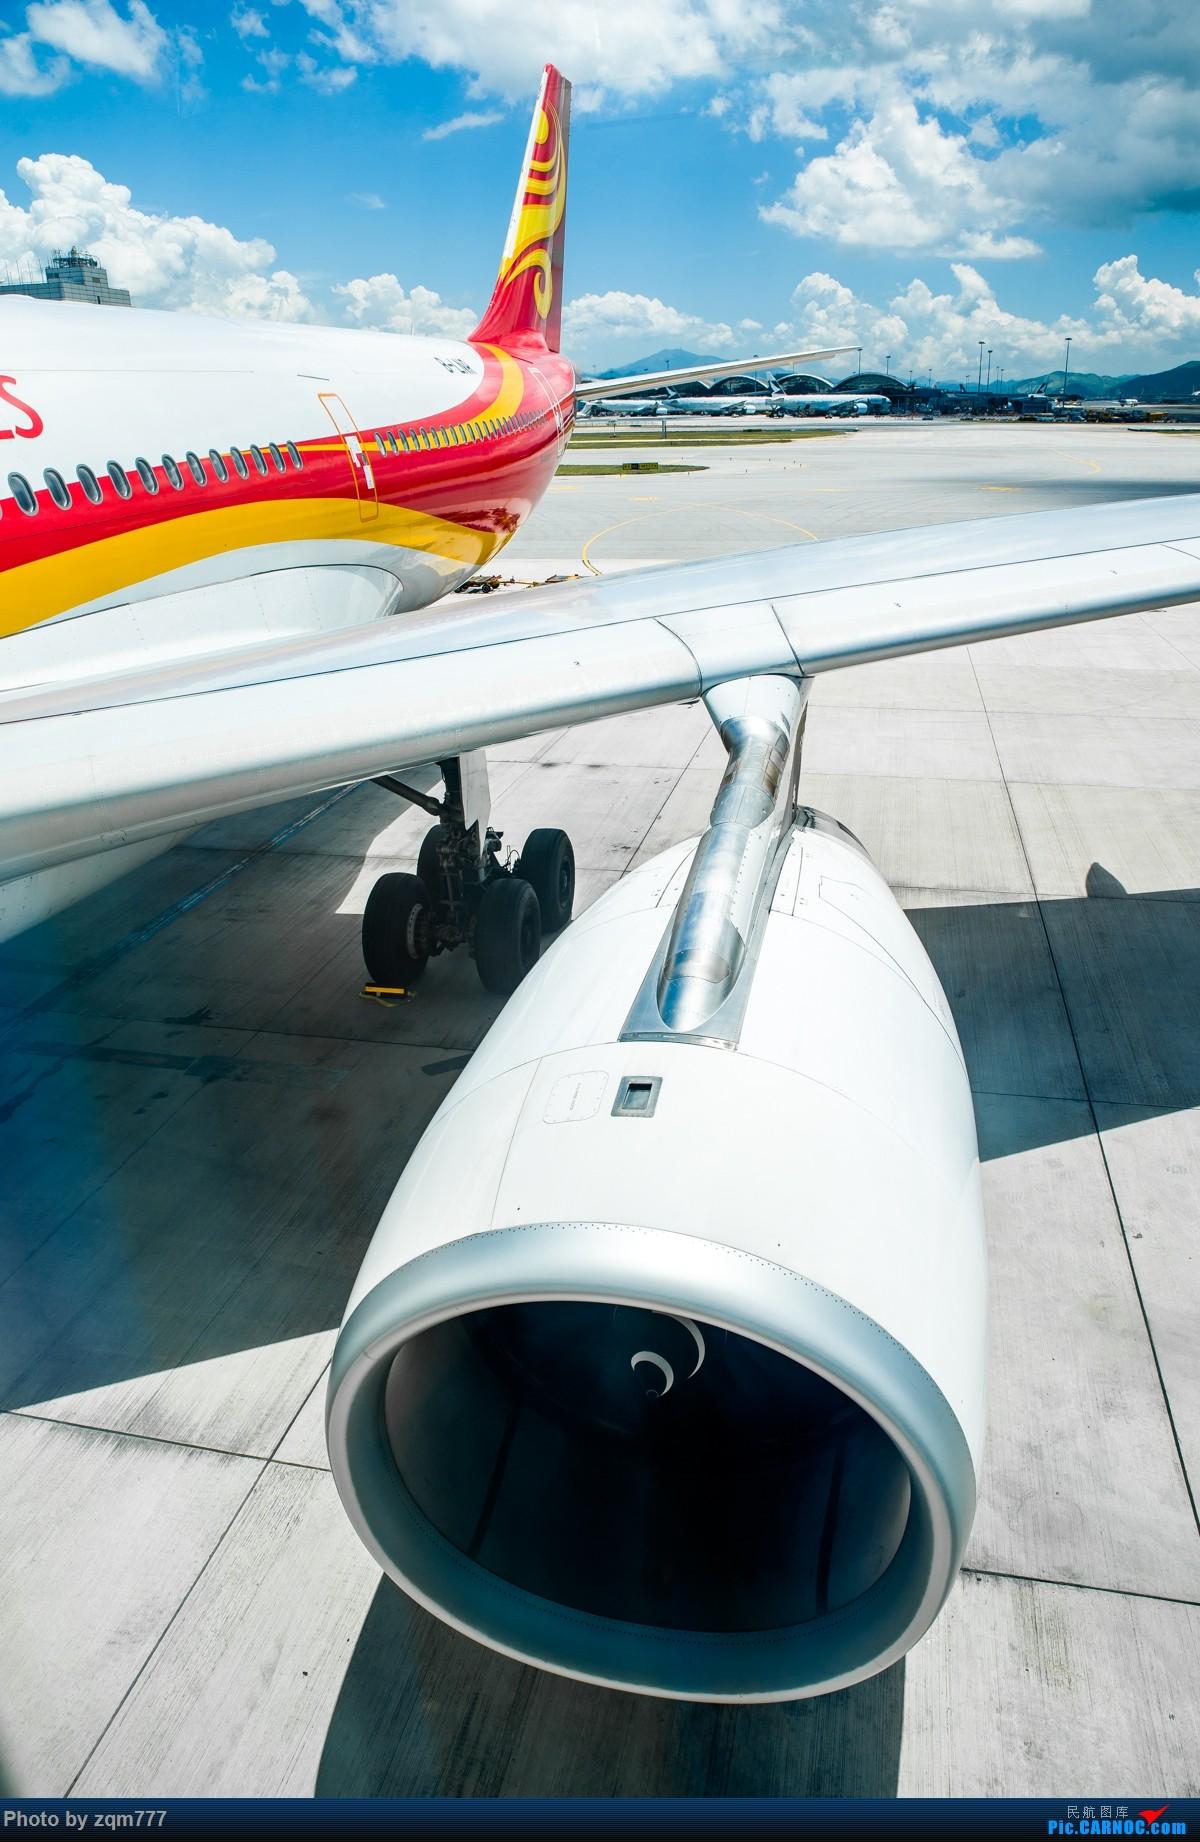 Re:[原创]2018.7.28-30沪深港拍机三日游,体验上海航空767倒数第七班正班航班 AIRBUS A330-300 B-LNR 中国香港国际机场